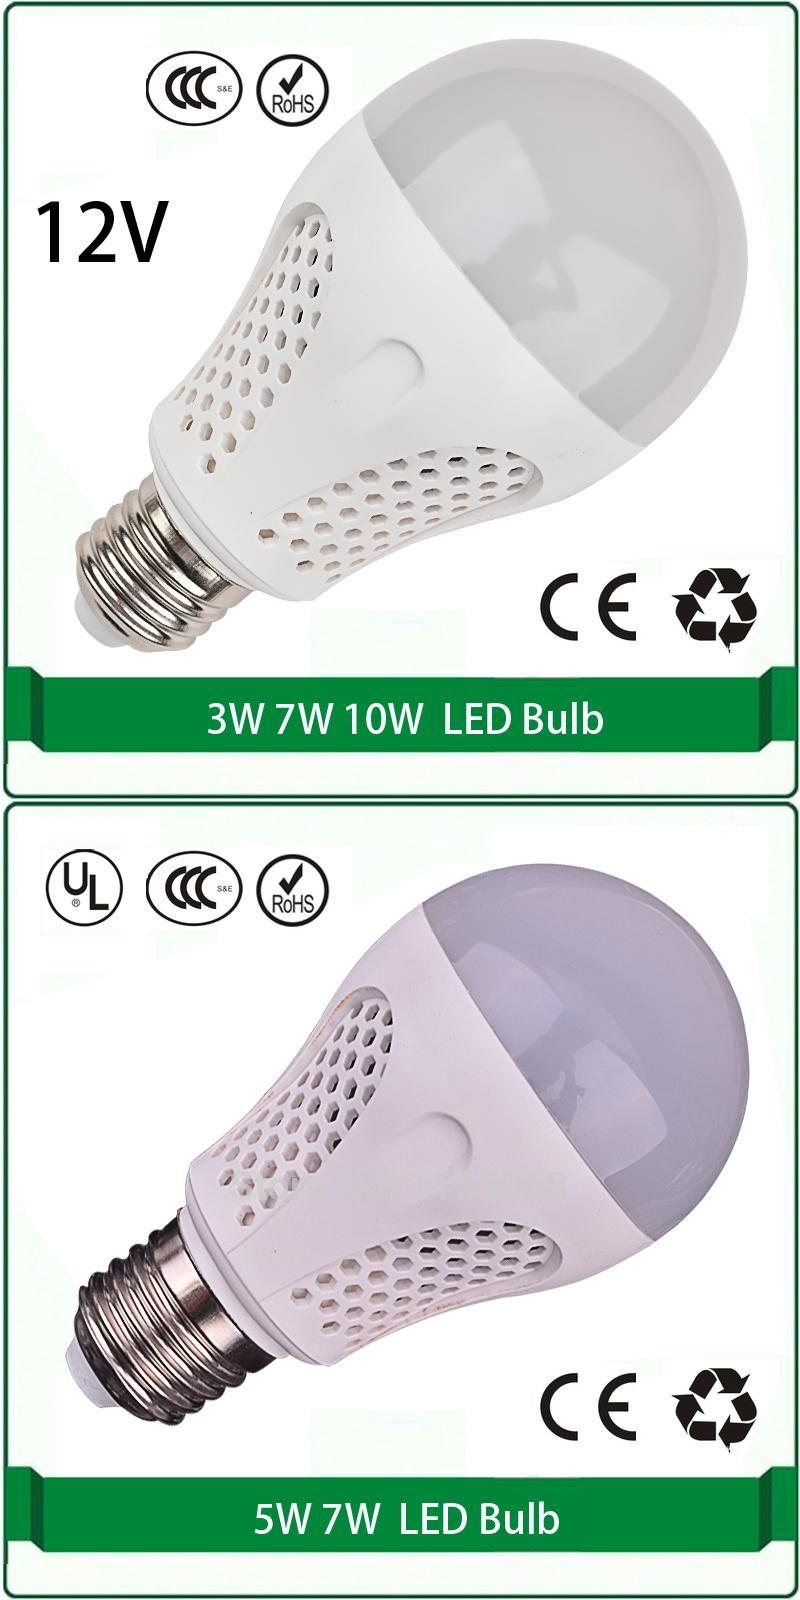 Visit To Buy E27 12 Volt Dc Led Bulbs 3w 7w 10w Bulb Solar Panel Bulb 12 Volt Led Lamp Led 12v E27 E26 B22 Lampada Advertisement Led Bulb Led Lamp Bulb